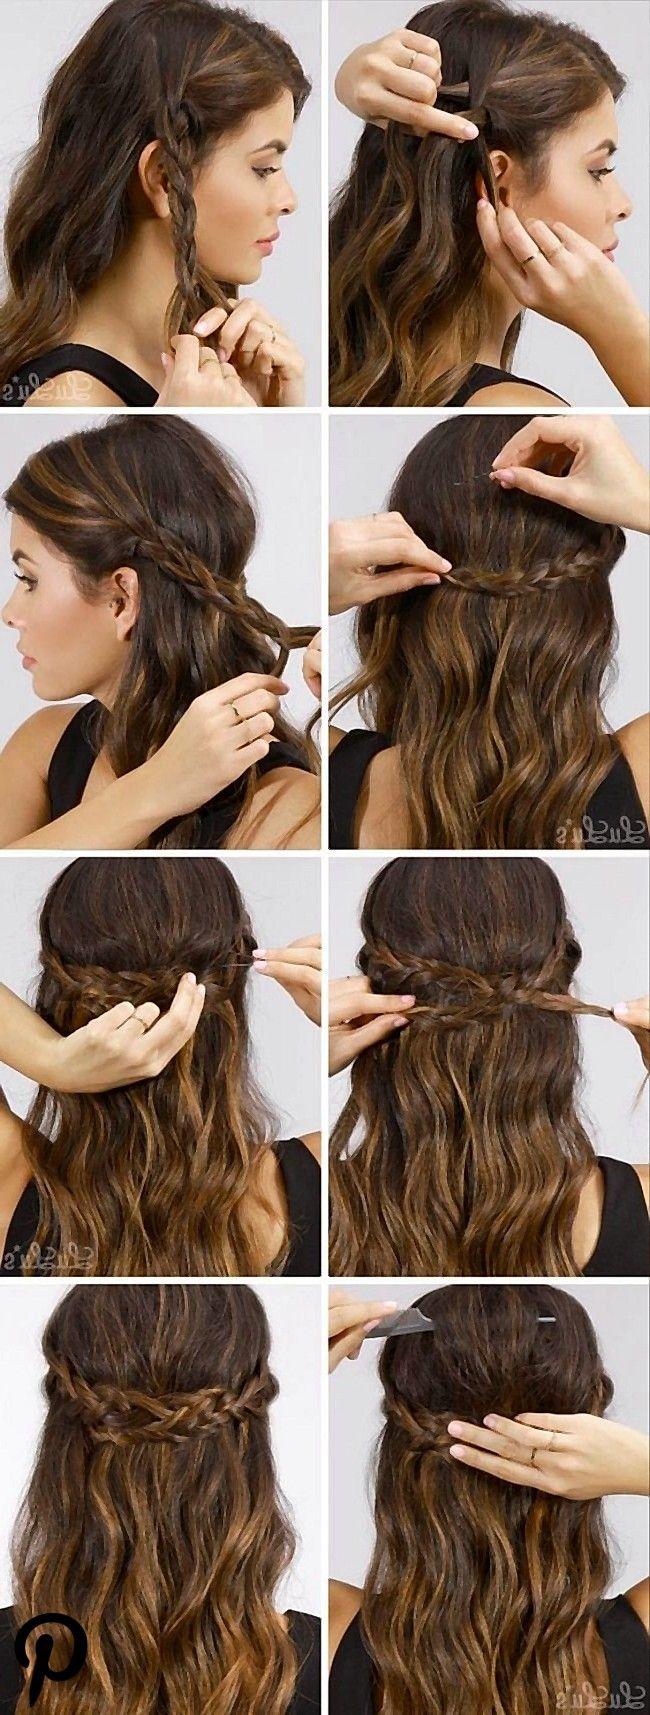 Schnelle #einfache #formale #Party-Frisuren #für #lange #Haar-DIY